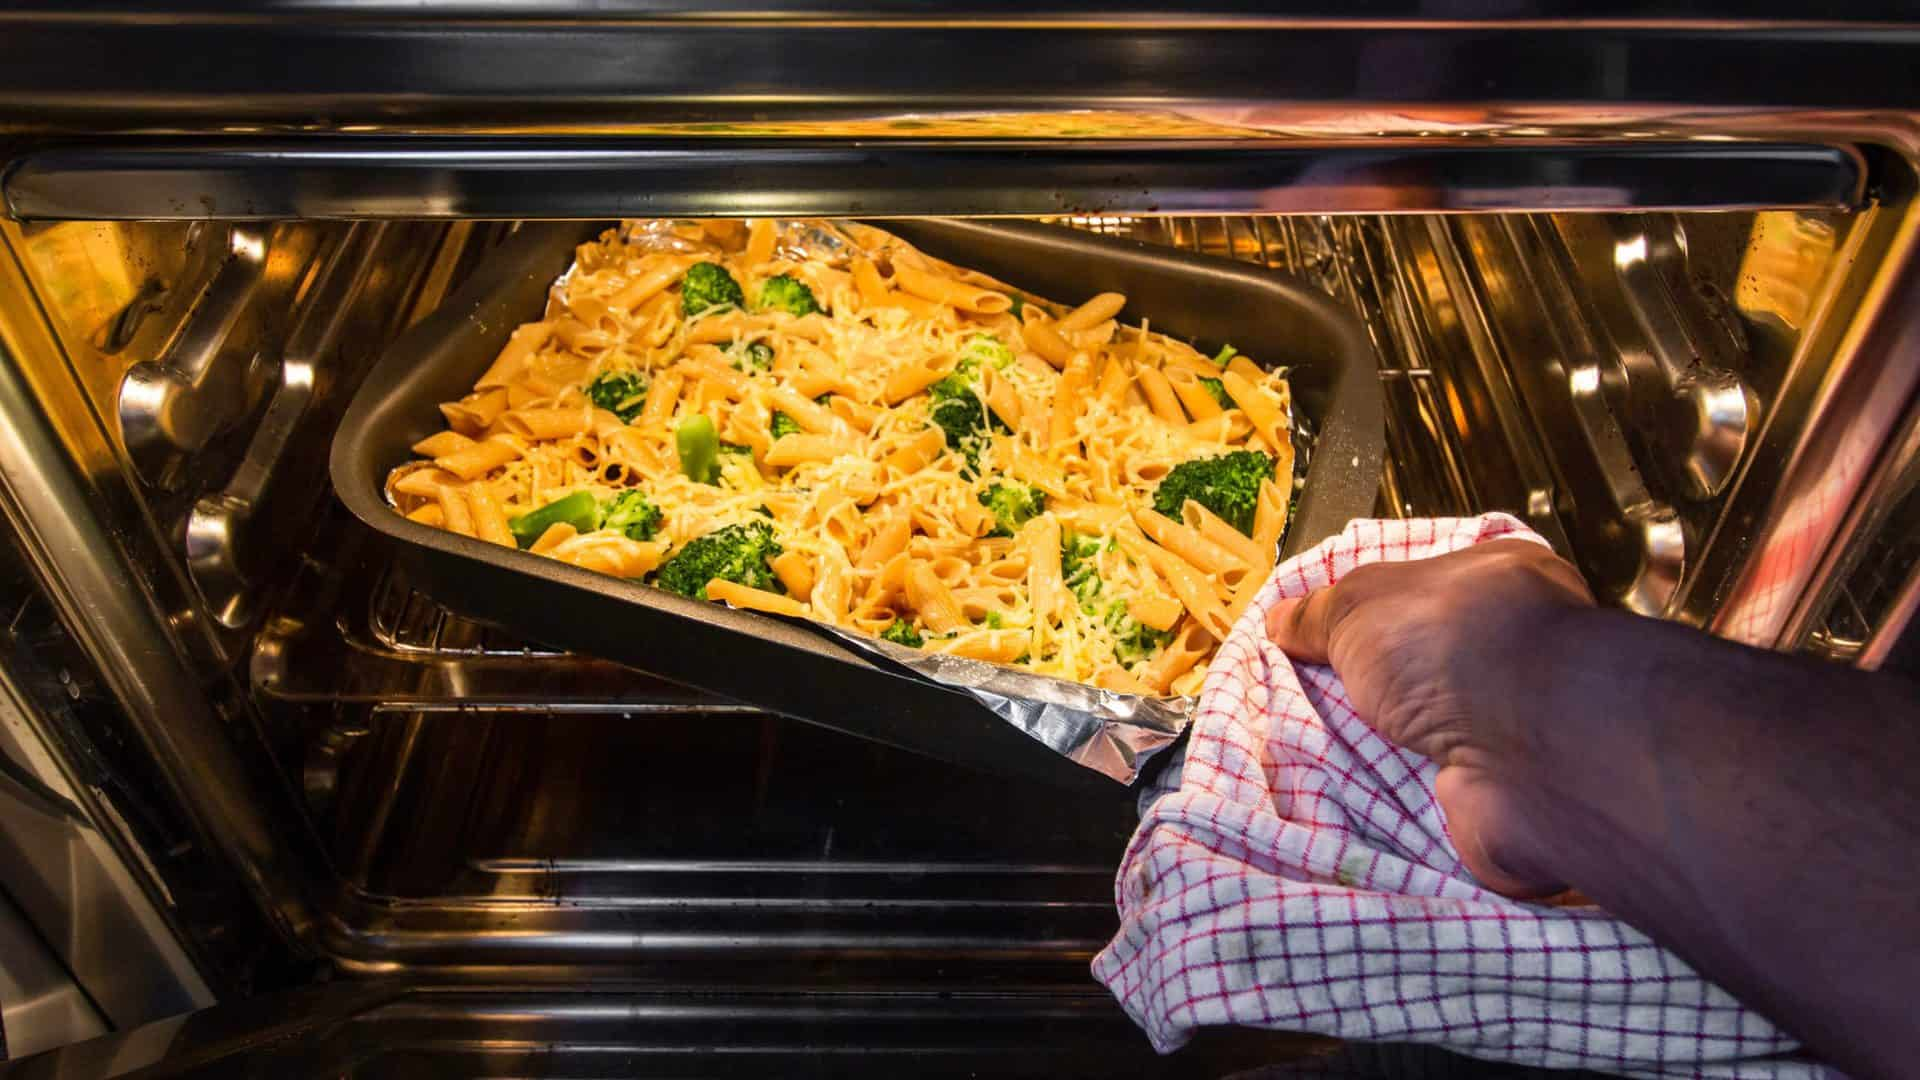 Persoon doet ovenschotel met pasta, kaas en broccoli in de oven.